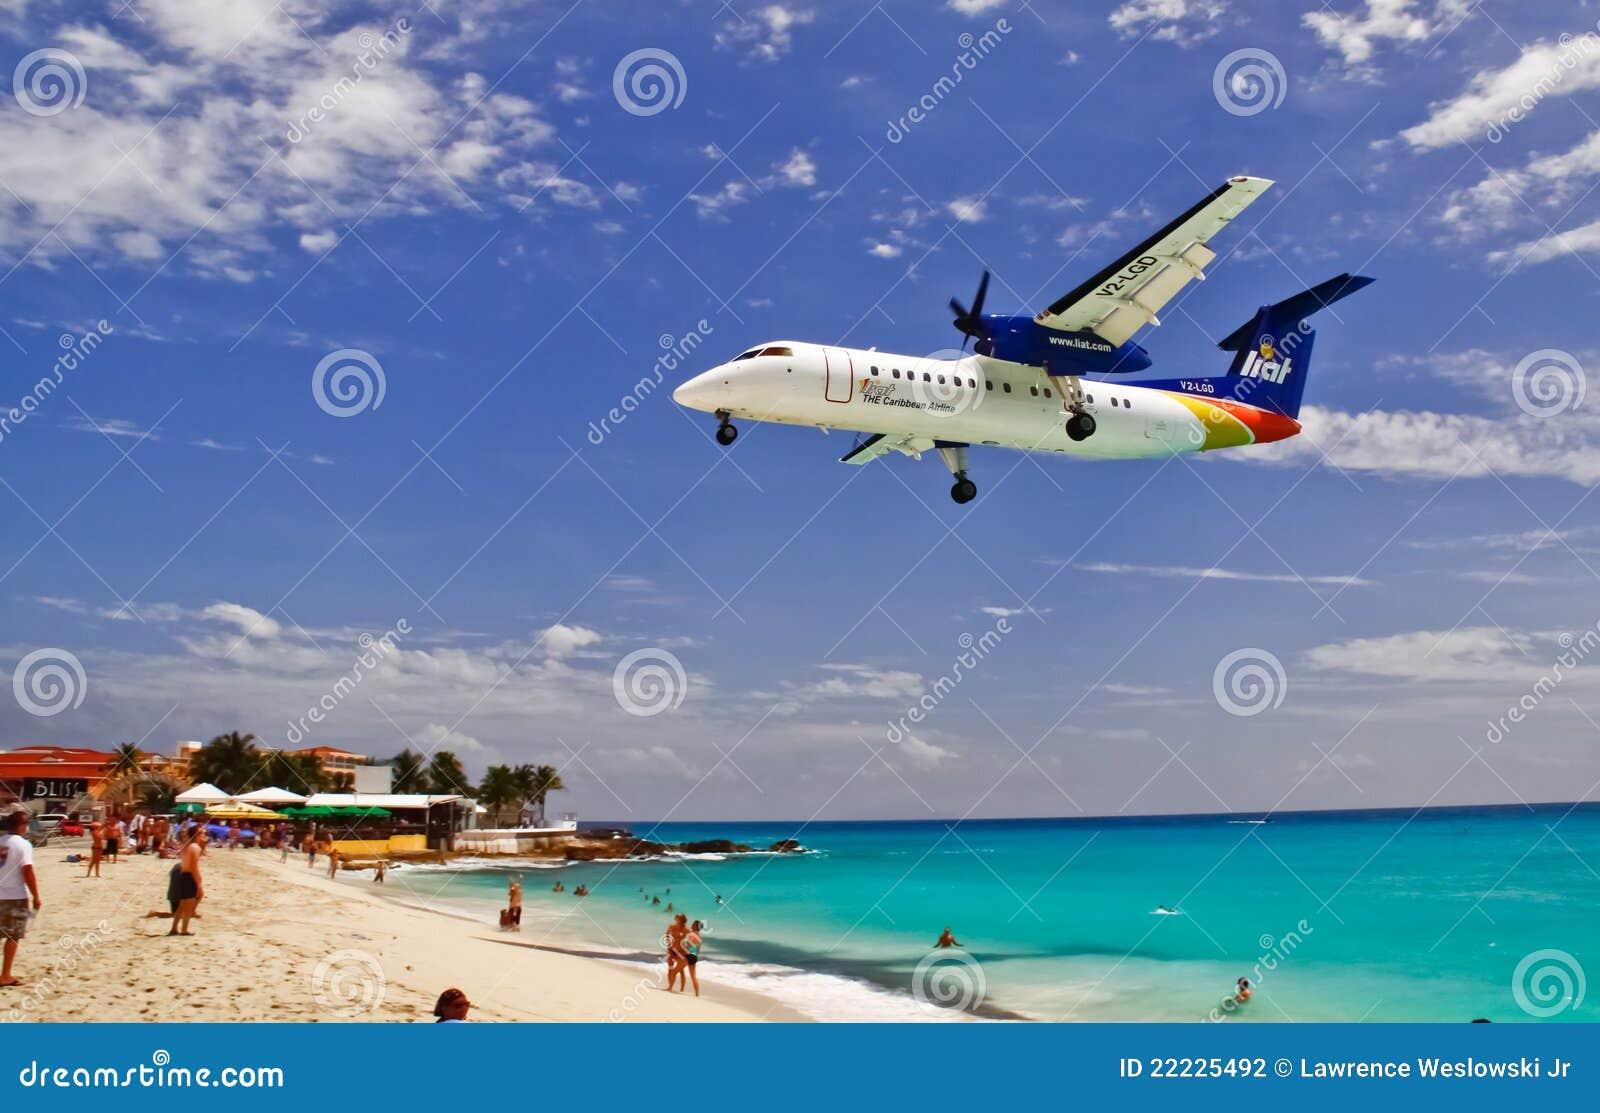 St. Maarten Maho Bay Liat Plane Landing